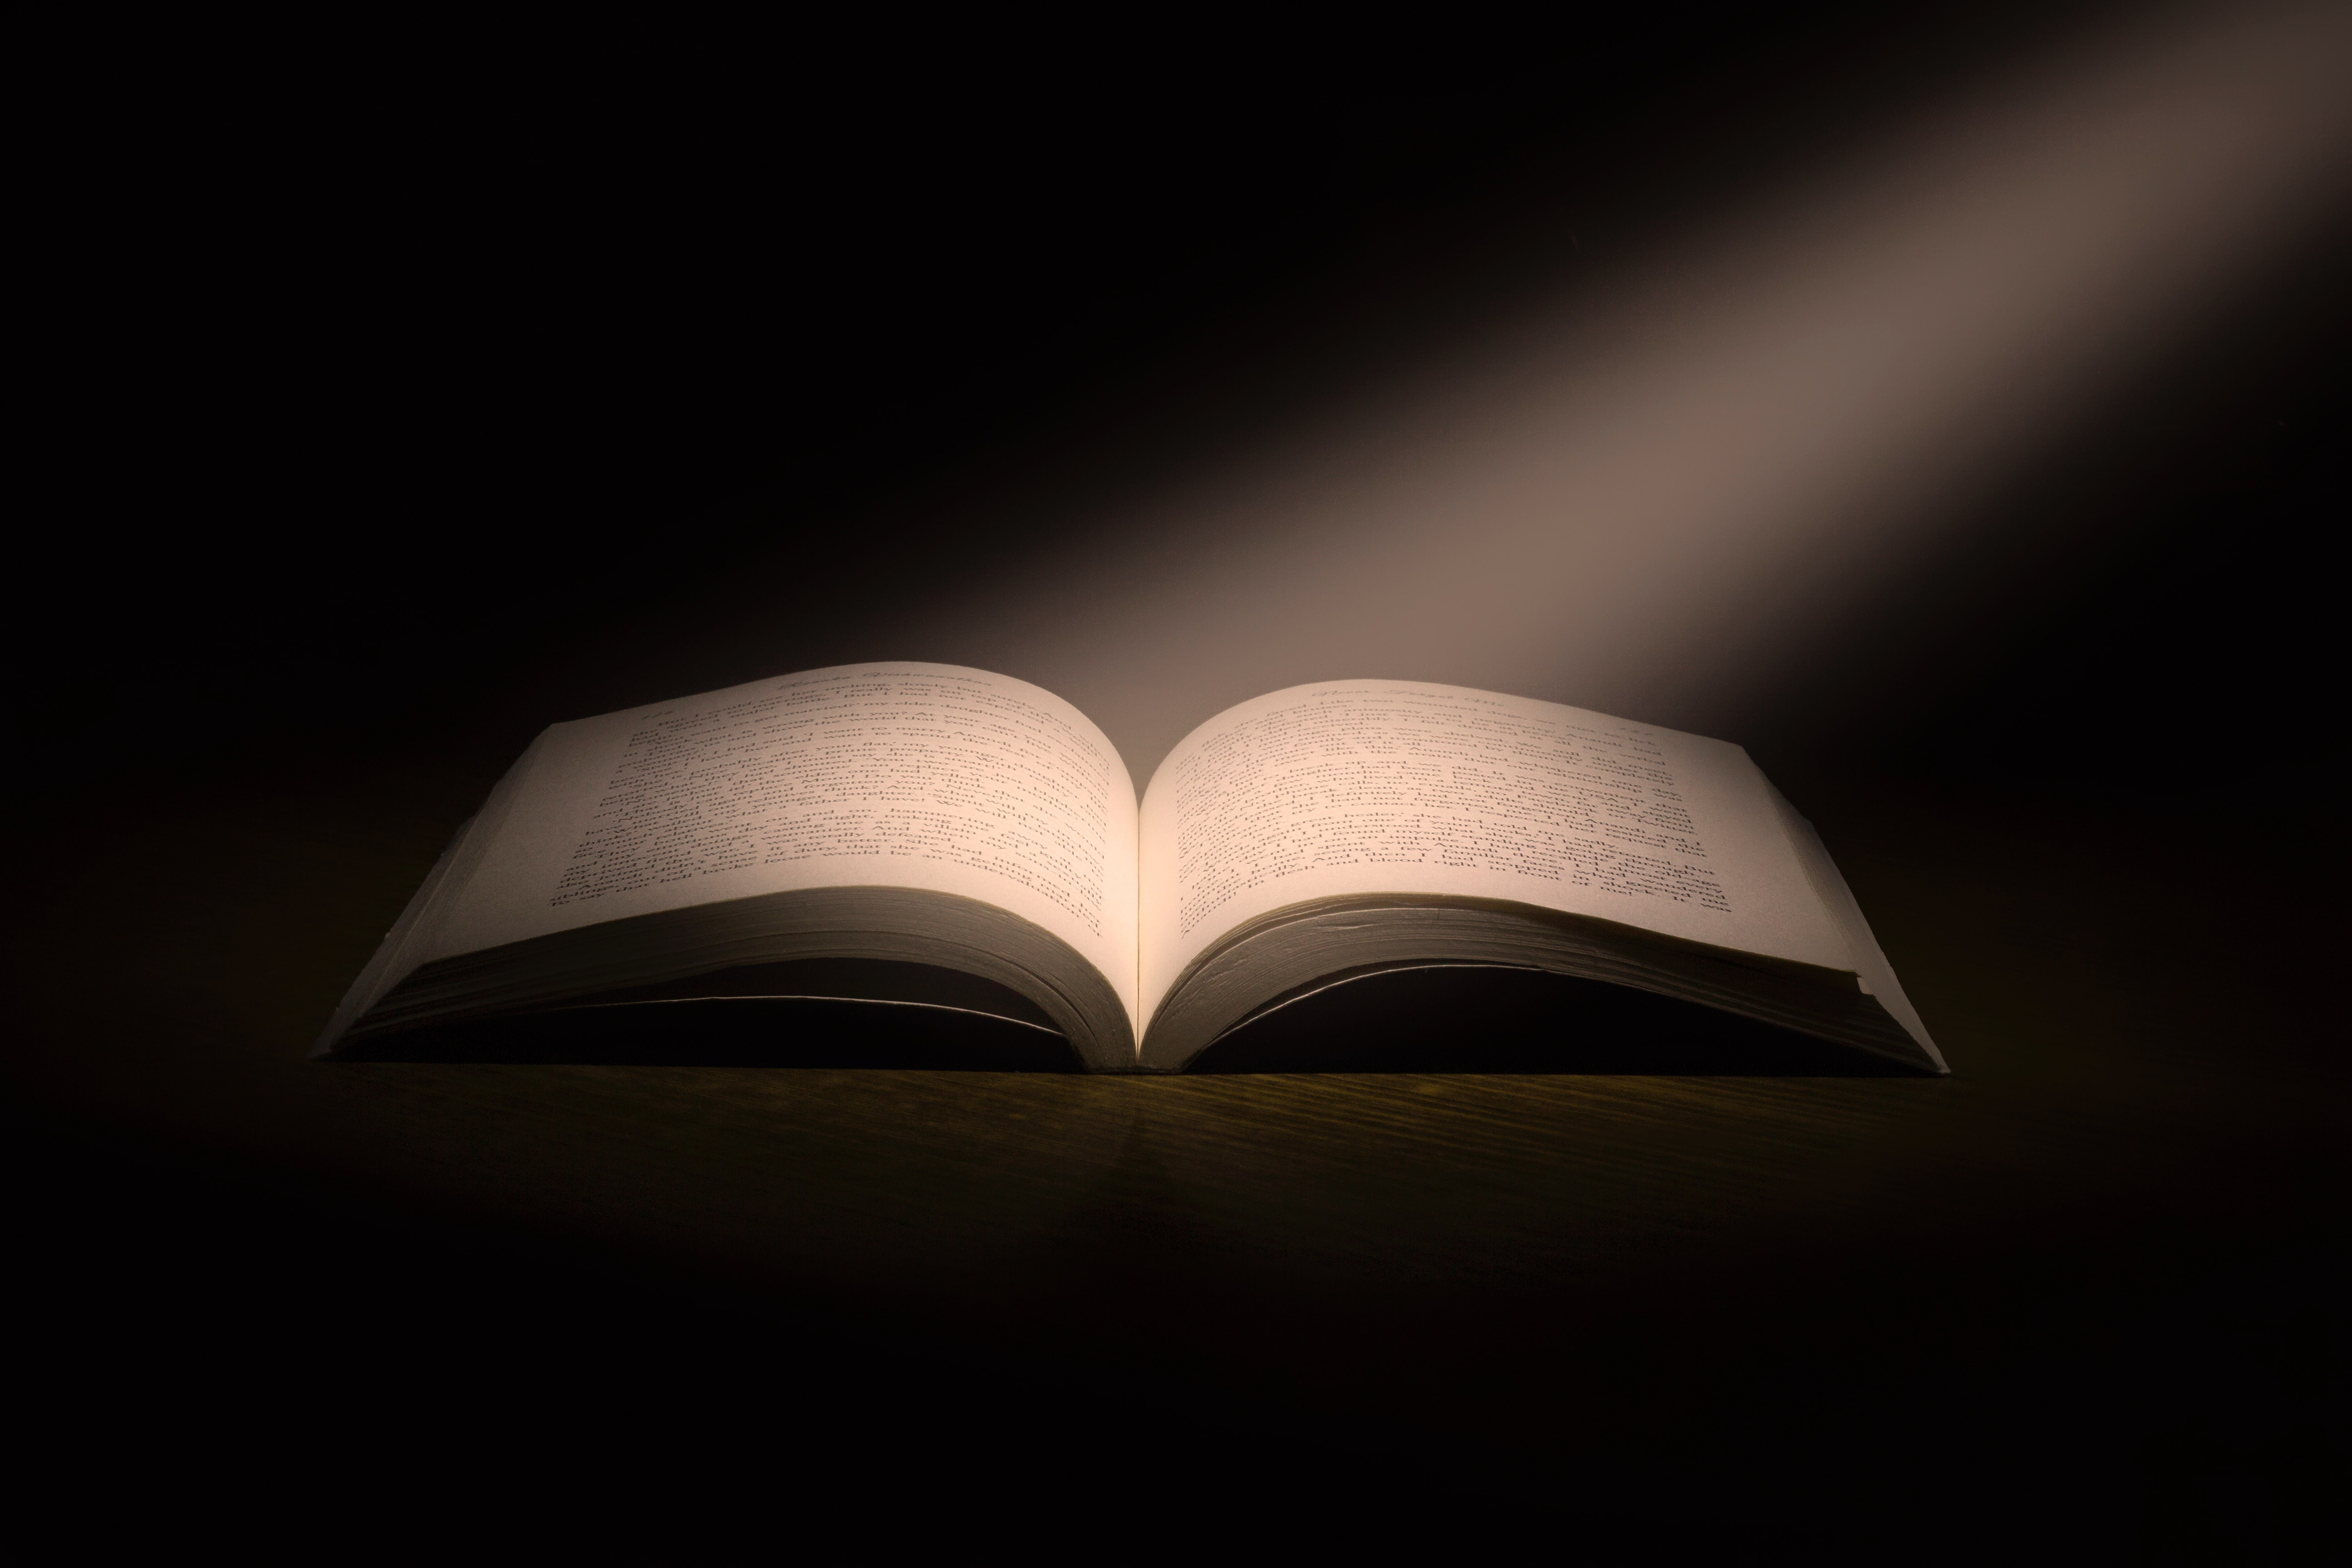 Buch im schwarzen Raum mit Lichtstrahl